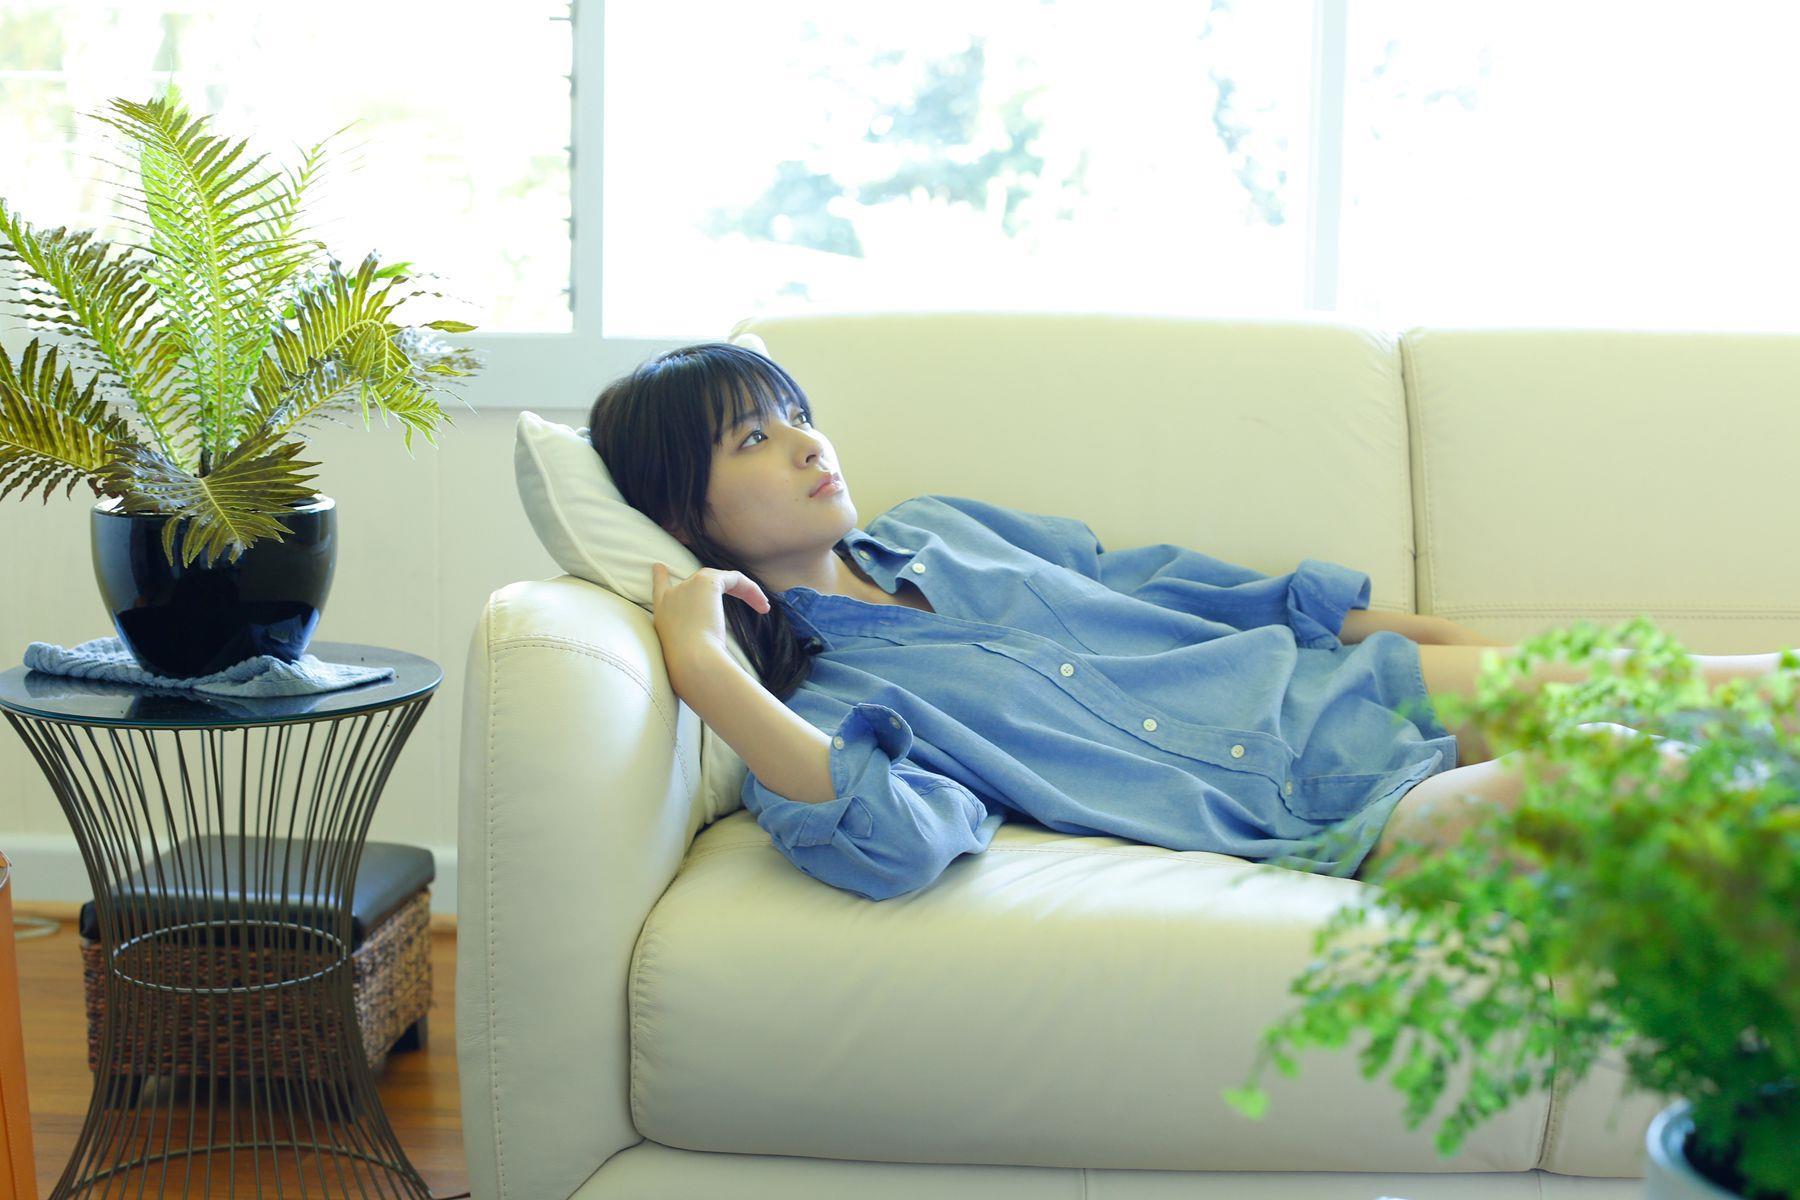 矢島舞美 画像 88